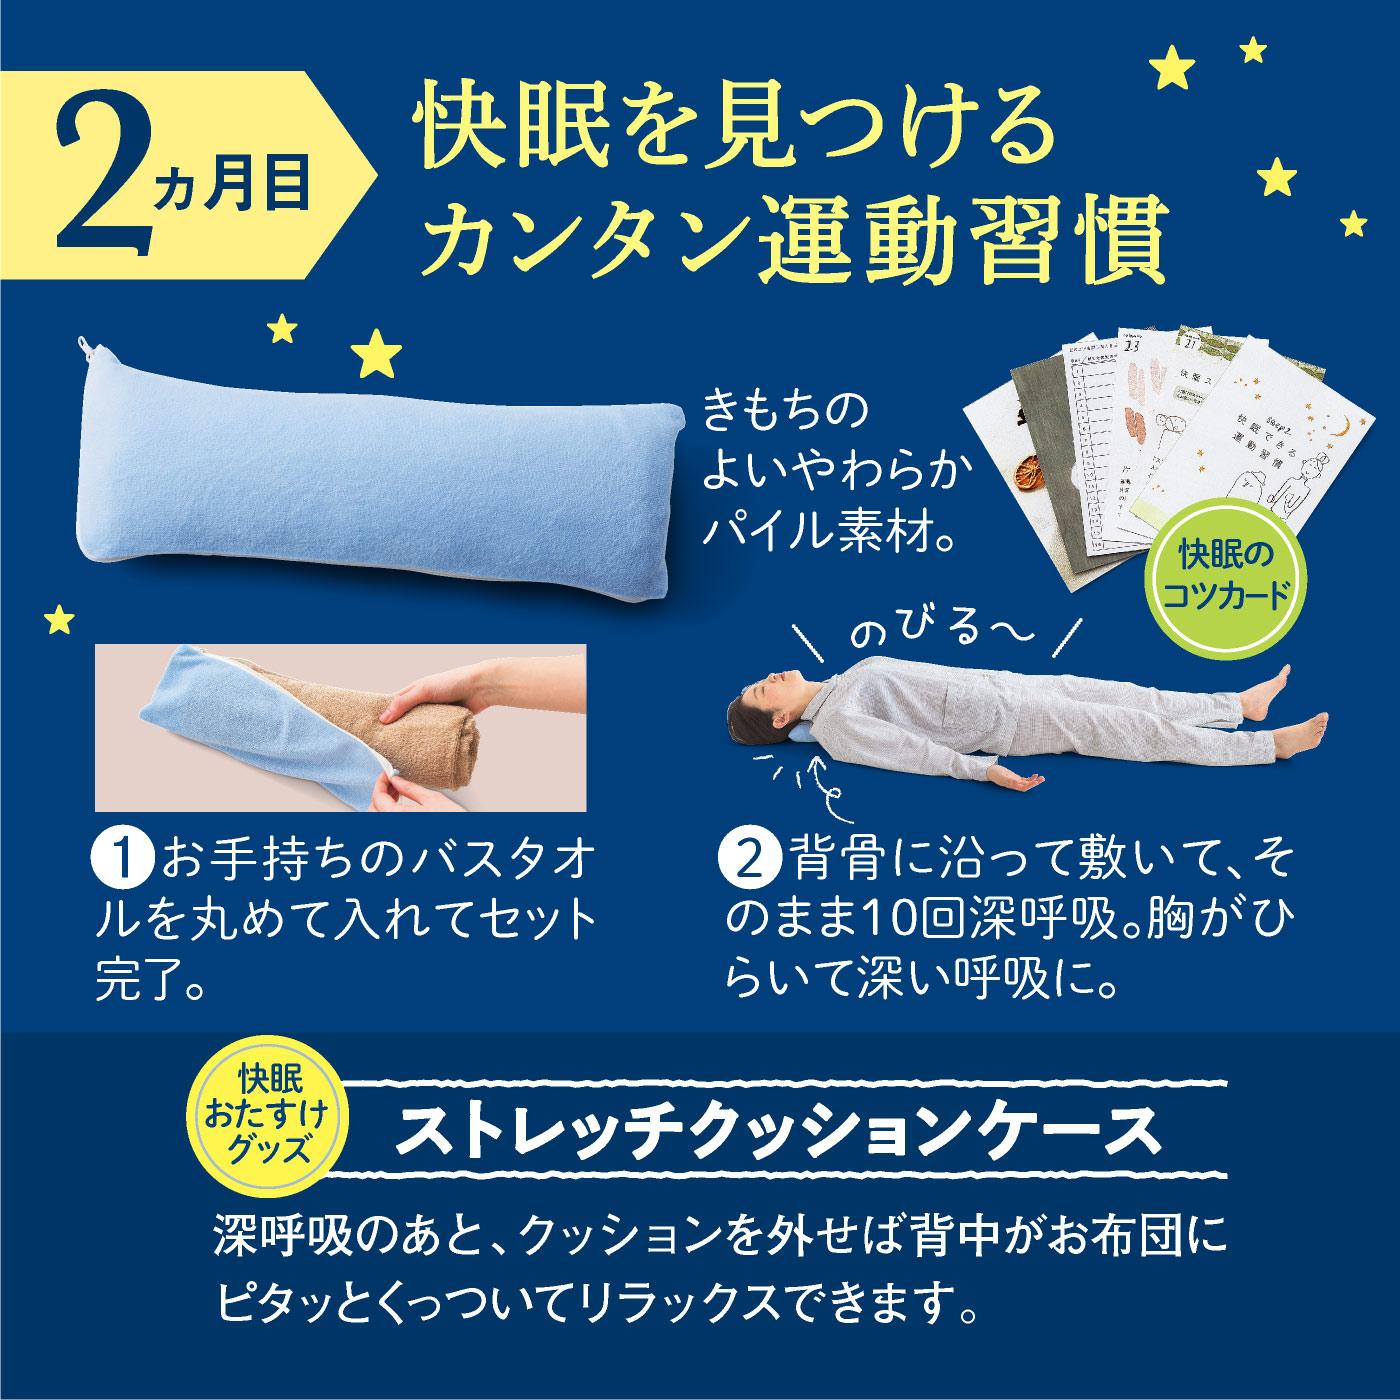 2ヵ月目 快眠を見つけるカンタン運動習慣。快眠おたすけグッズ/ストレッチクッションケース1枚 ■素材/綿75%・ポリエステル25% ※洗濯機洗い可 ■サイズ/縦約35cm、横13cm ※縦120cm、横60cmの一般的な厚みのバスタオルがご使用いただけます。(日本製)